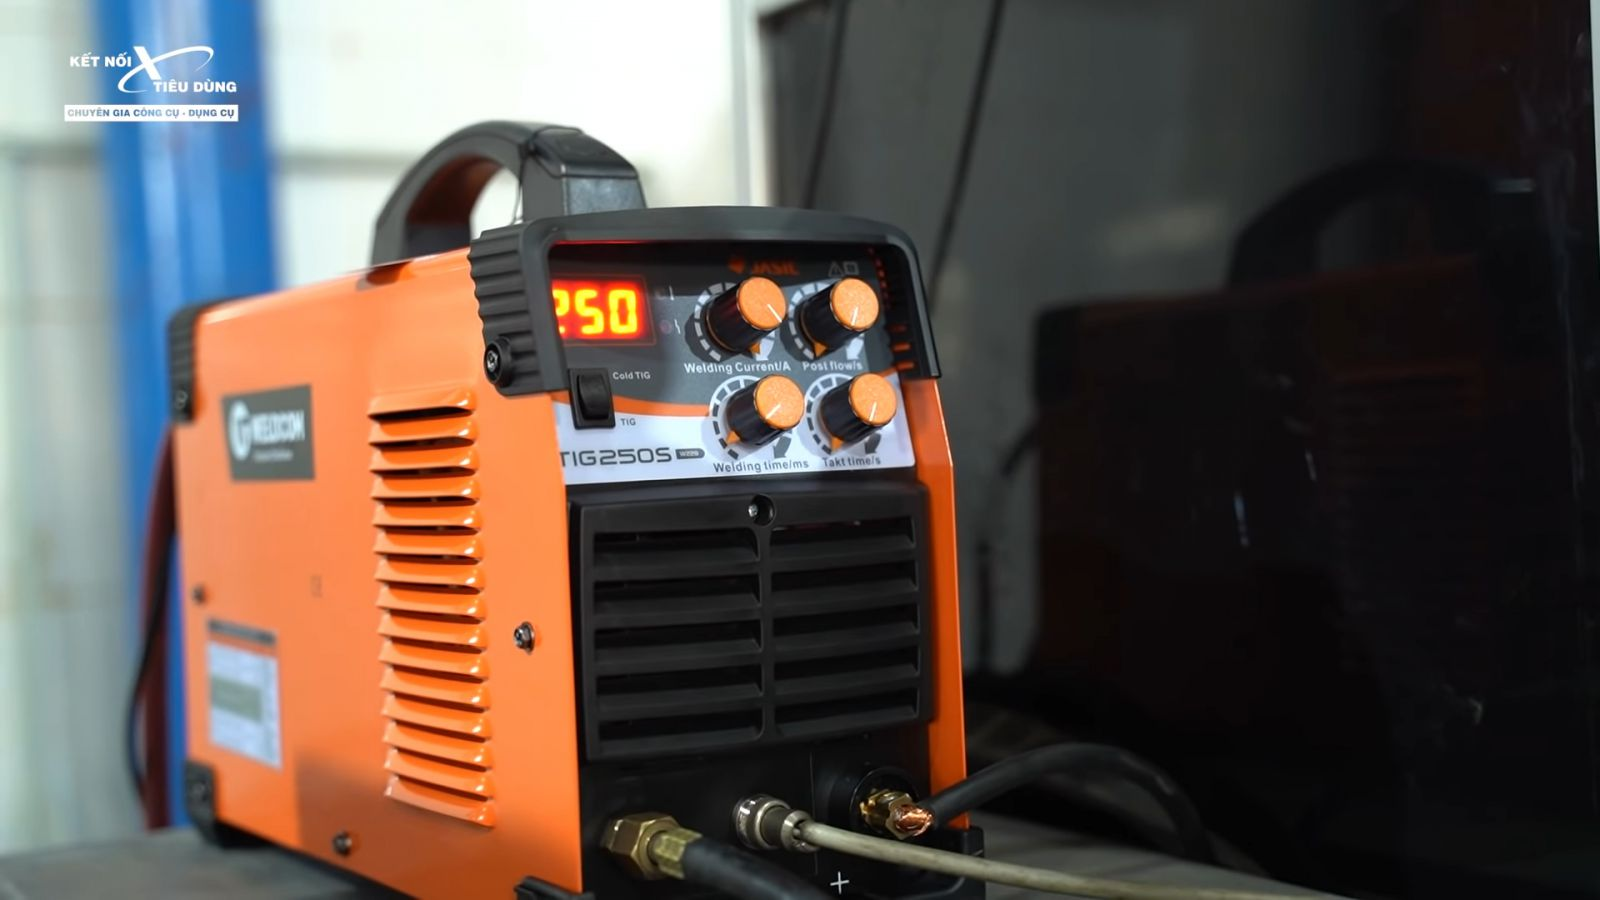 Review máy hàn Jasic TIG250S W228: nhỏ gọn, cao cấp, hàn Tig lạnh còn đẹp hơn hàn Tig thường - ưu điểm nổi bật của máy hàn